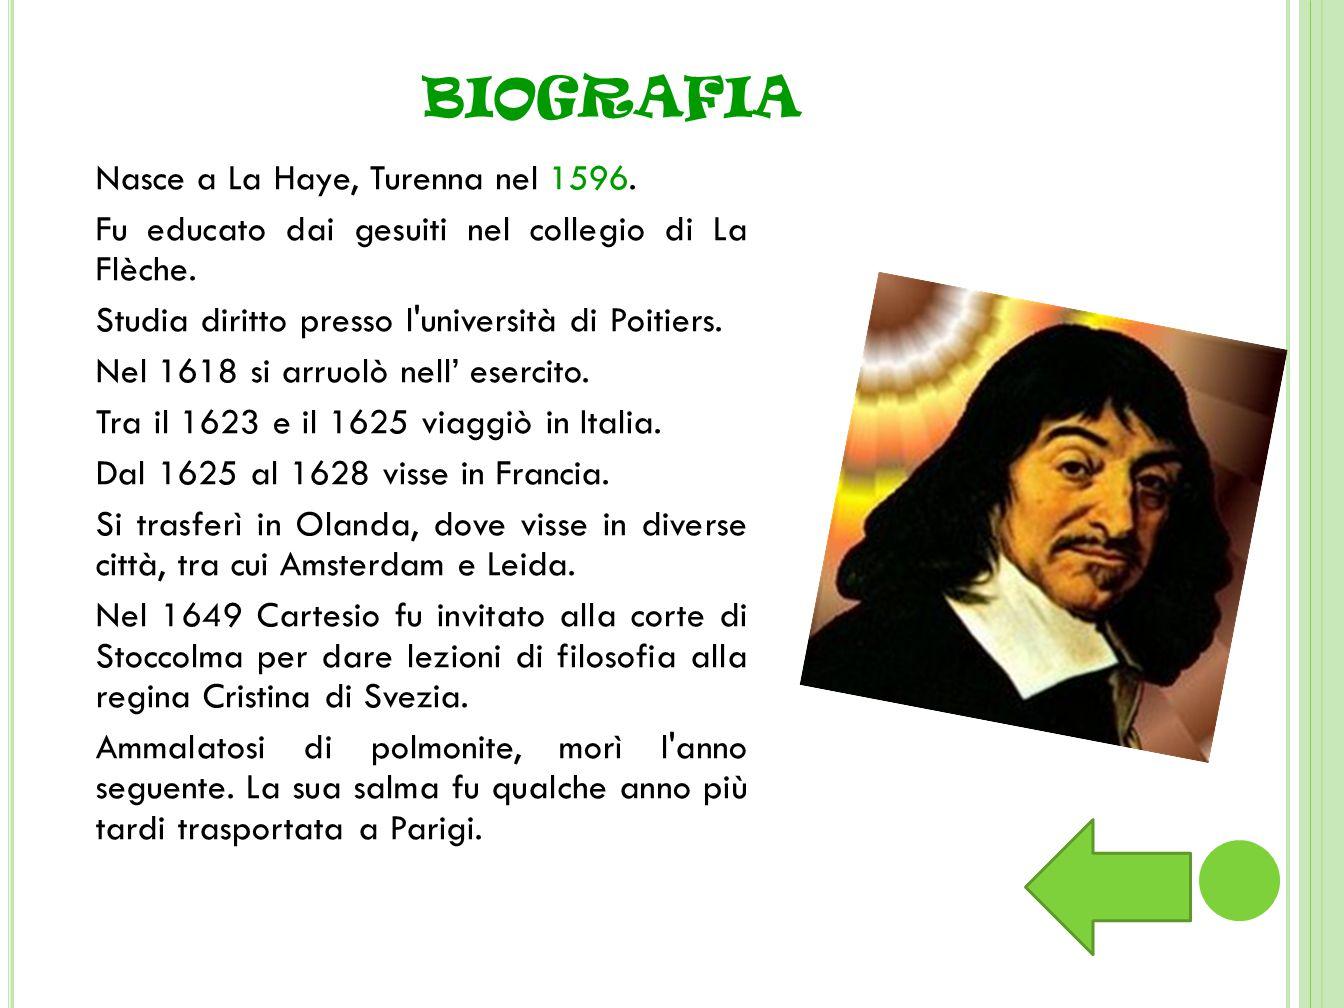 Nasce a La Haye, Turenna nel 1596.Fu educato dai gesuiti nel collegio di La Flèche.